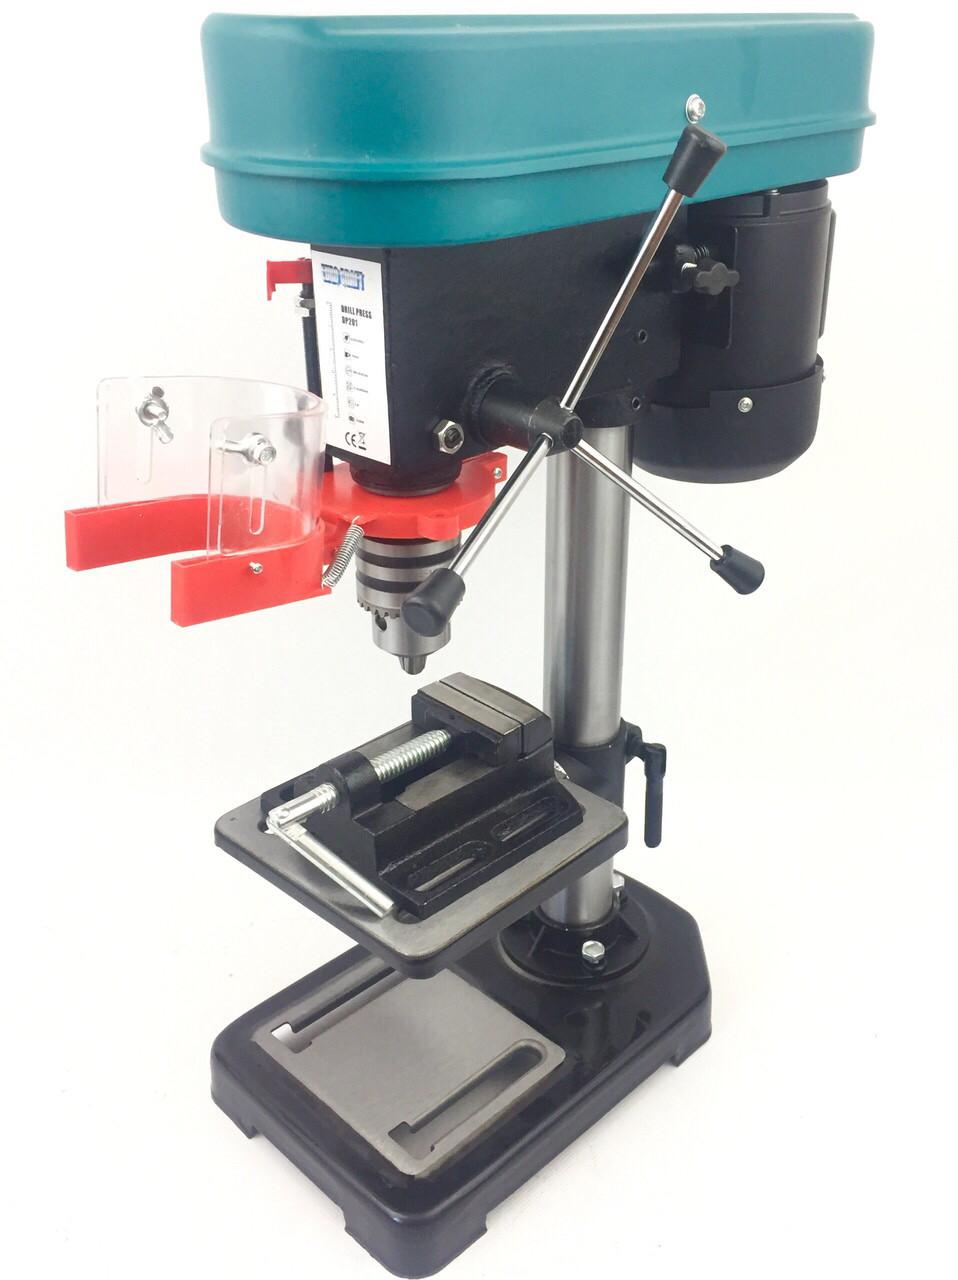 Сверлильный станок Euro Craft 1600W (DP201)